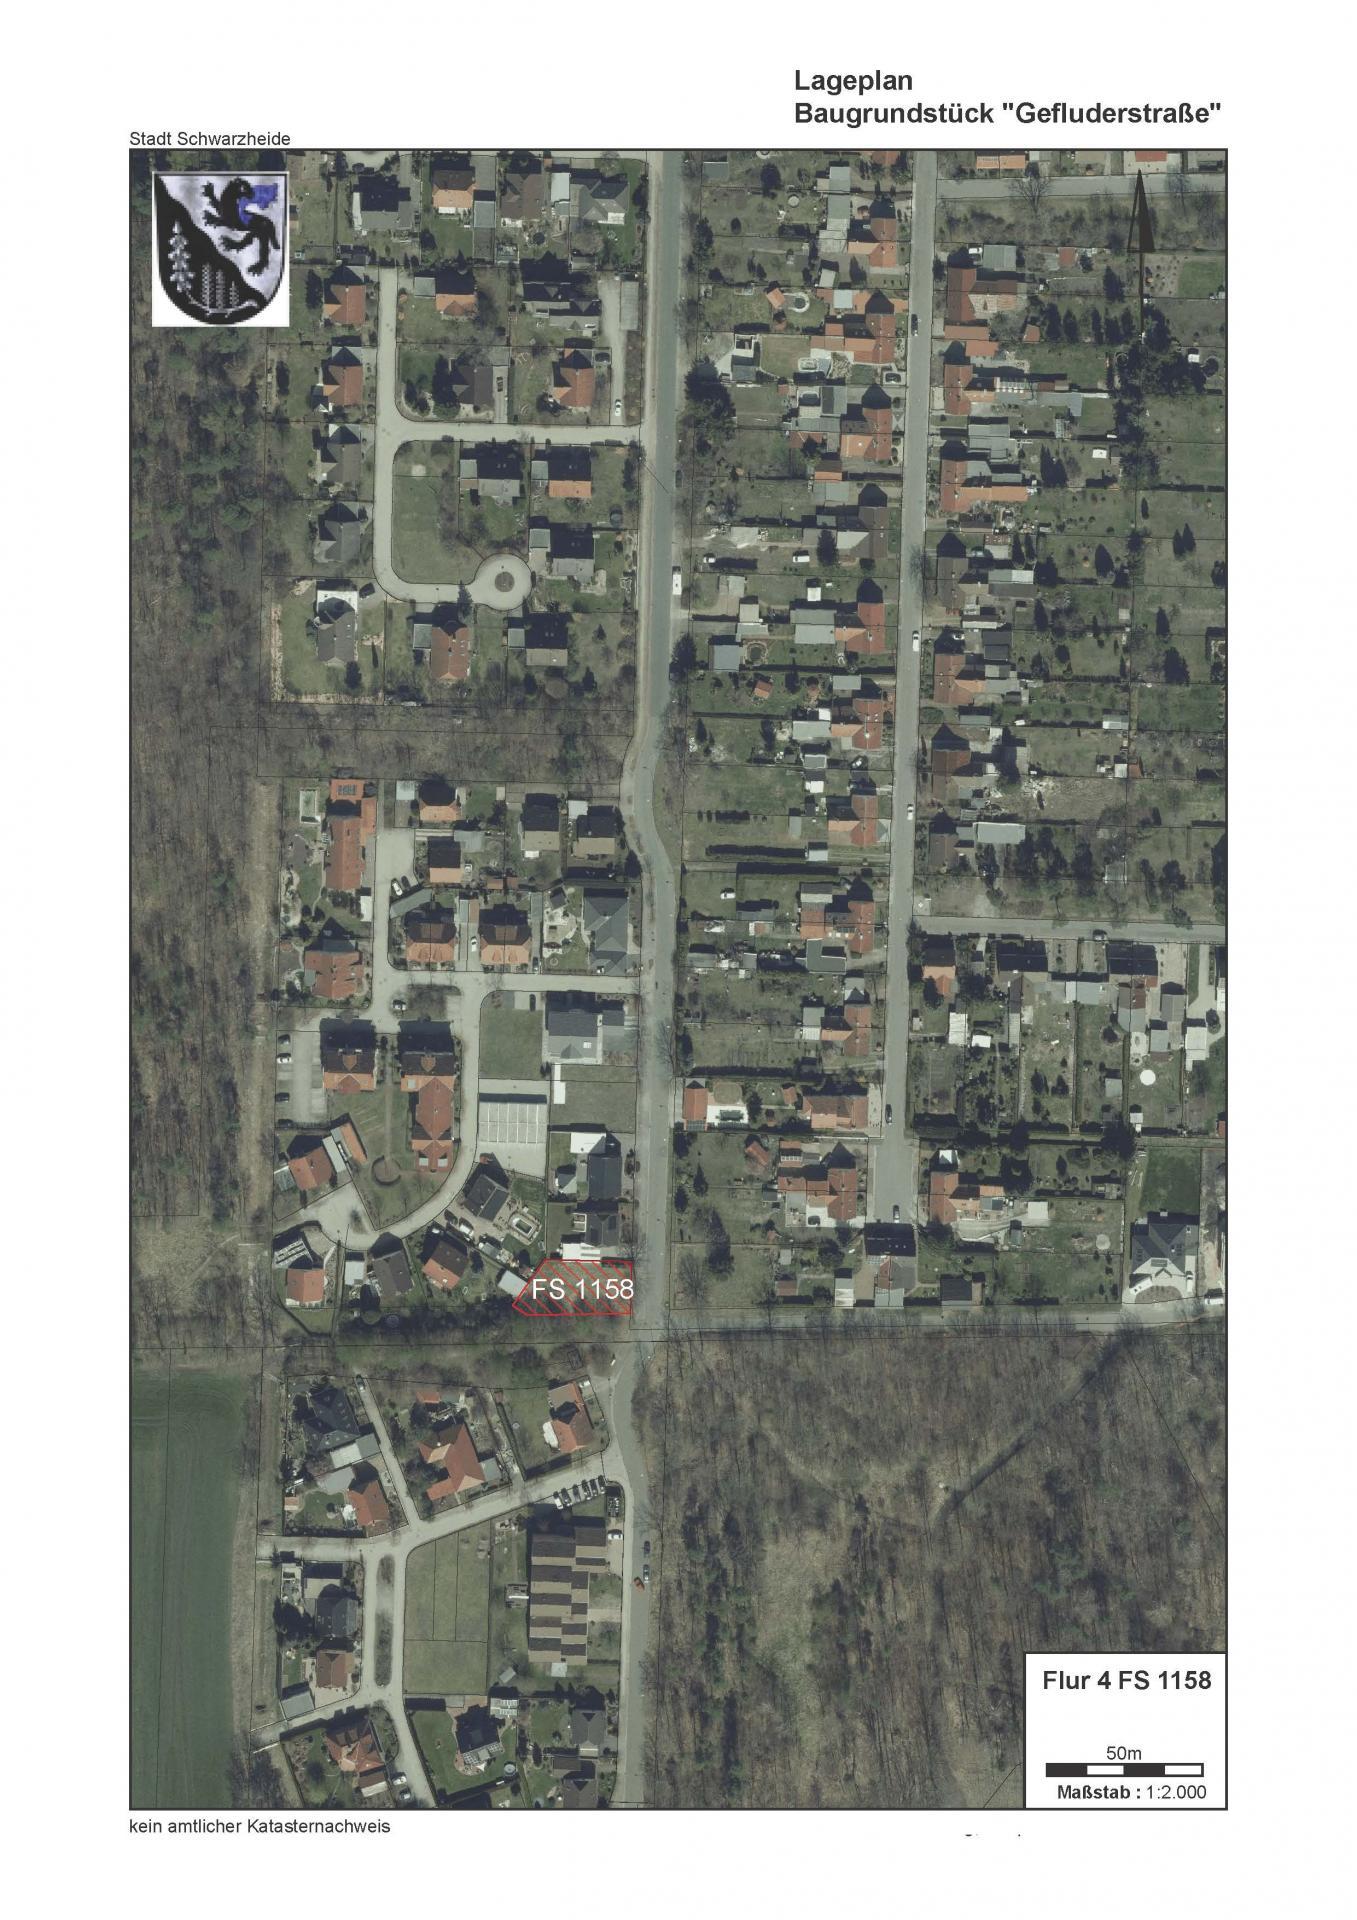 Baugrundstück Gefluderstraße Satellitenbild